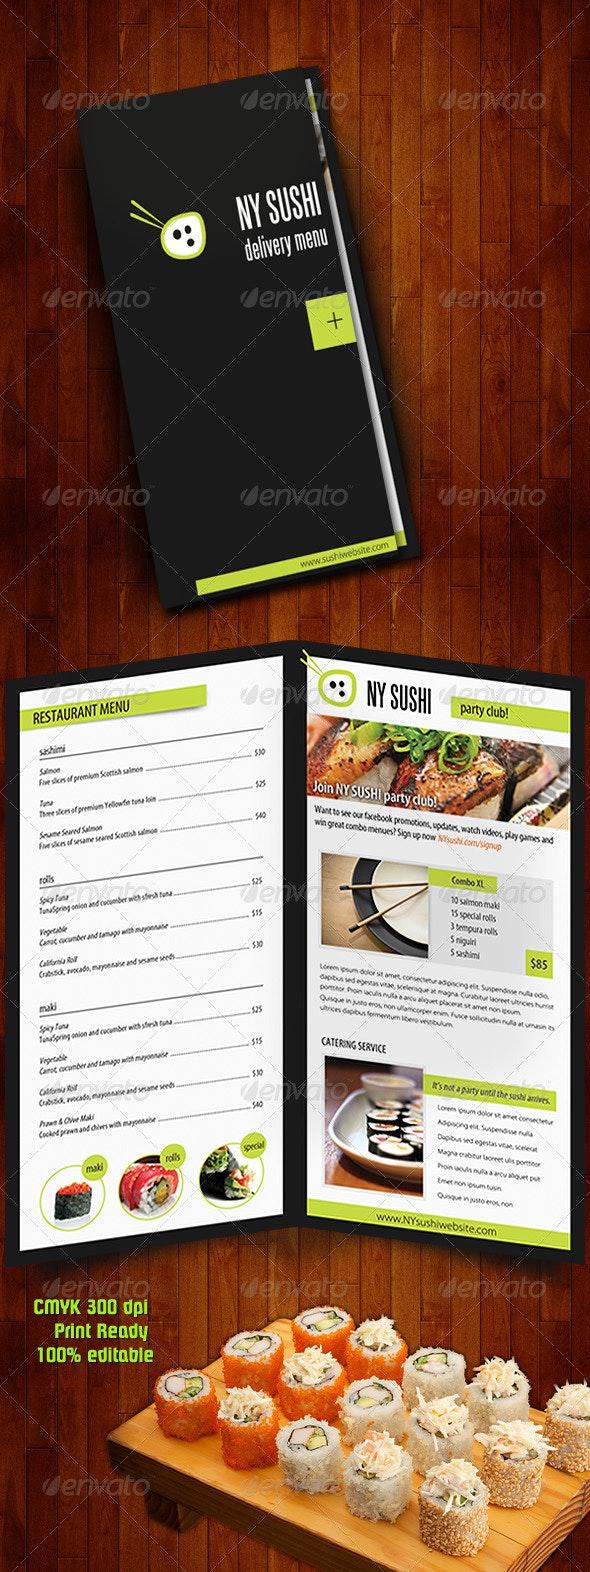 Sushi Menu Catering Food Brochure - Food Menus Print Templates